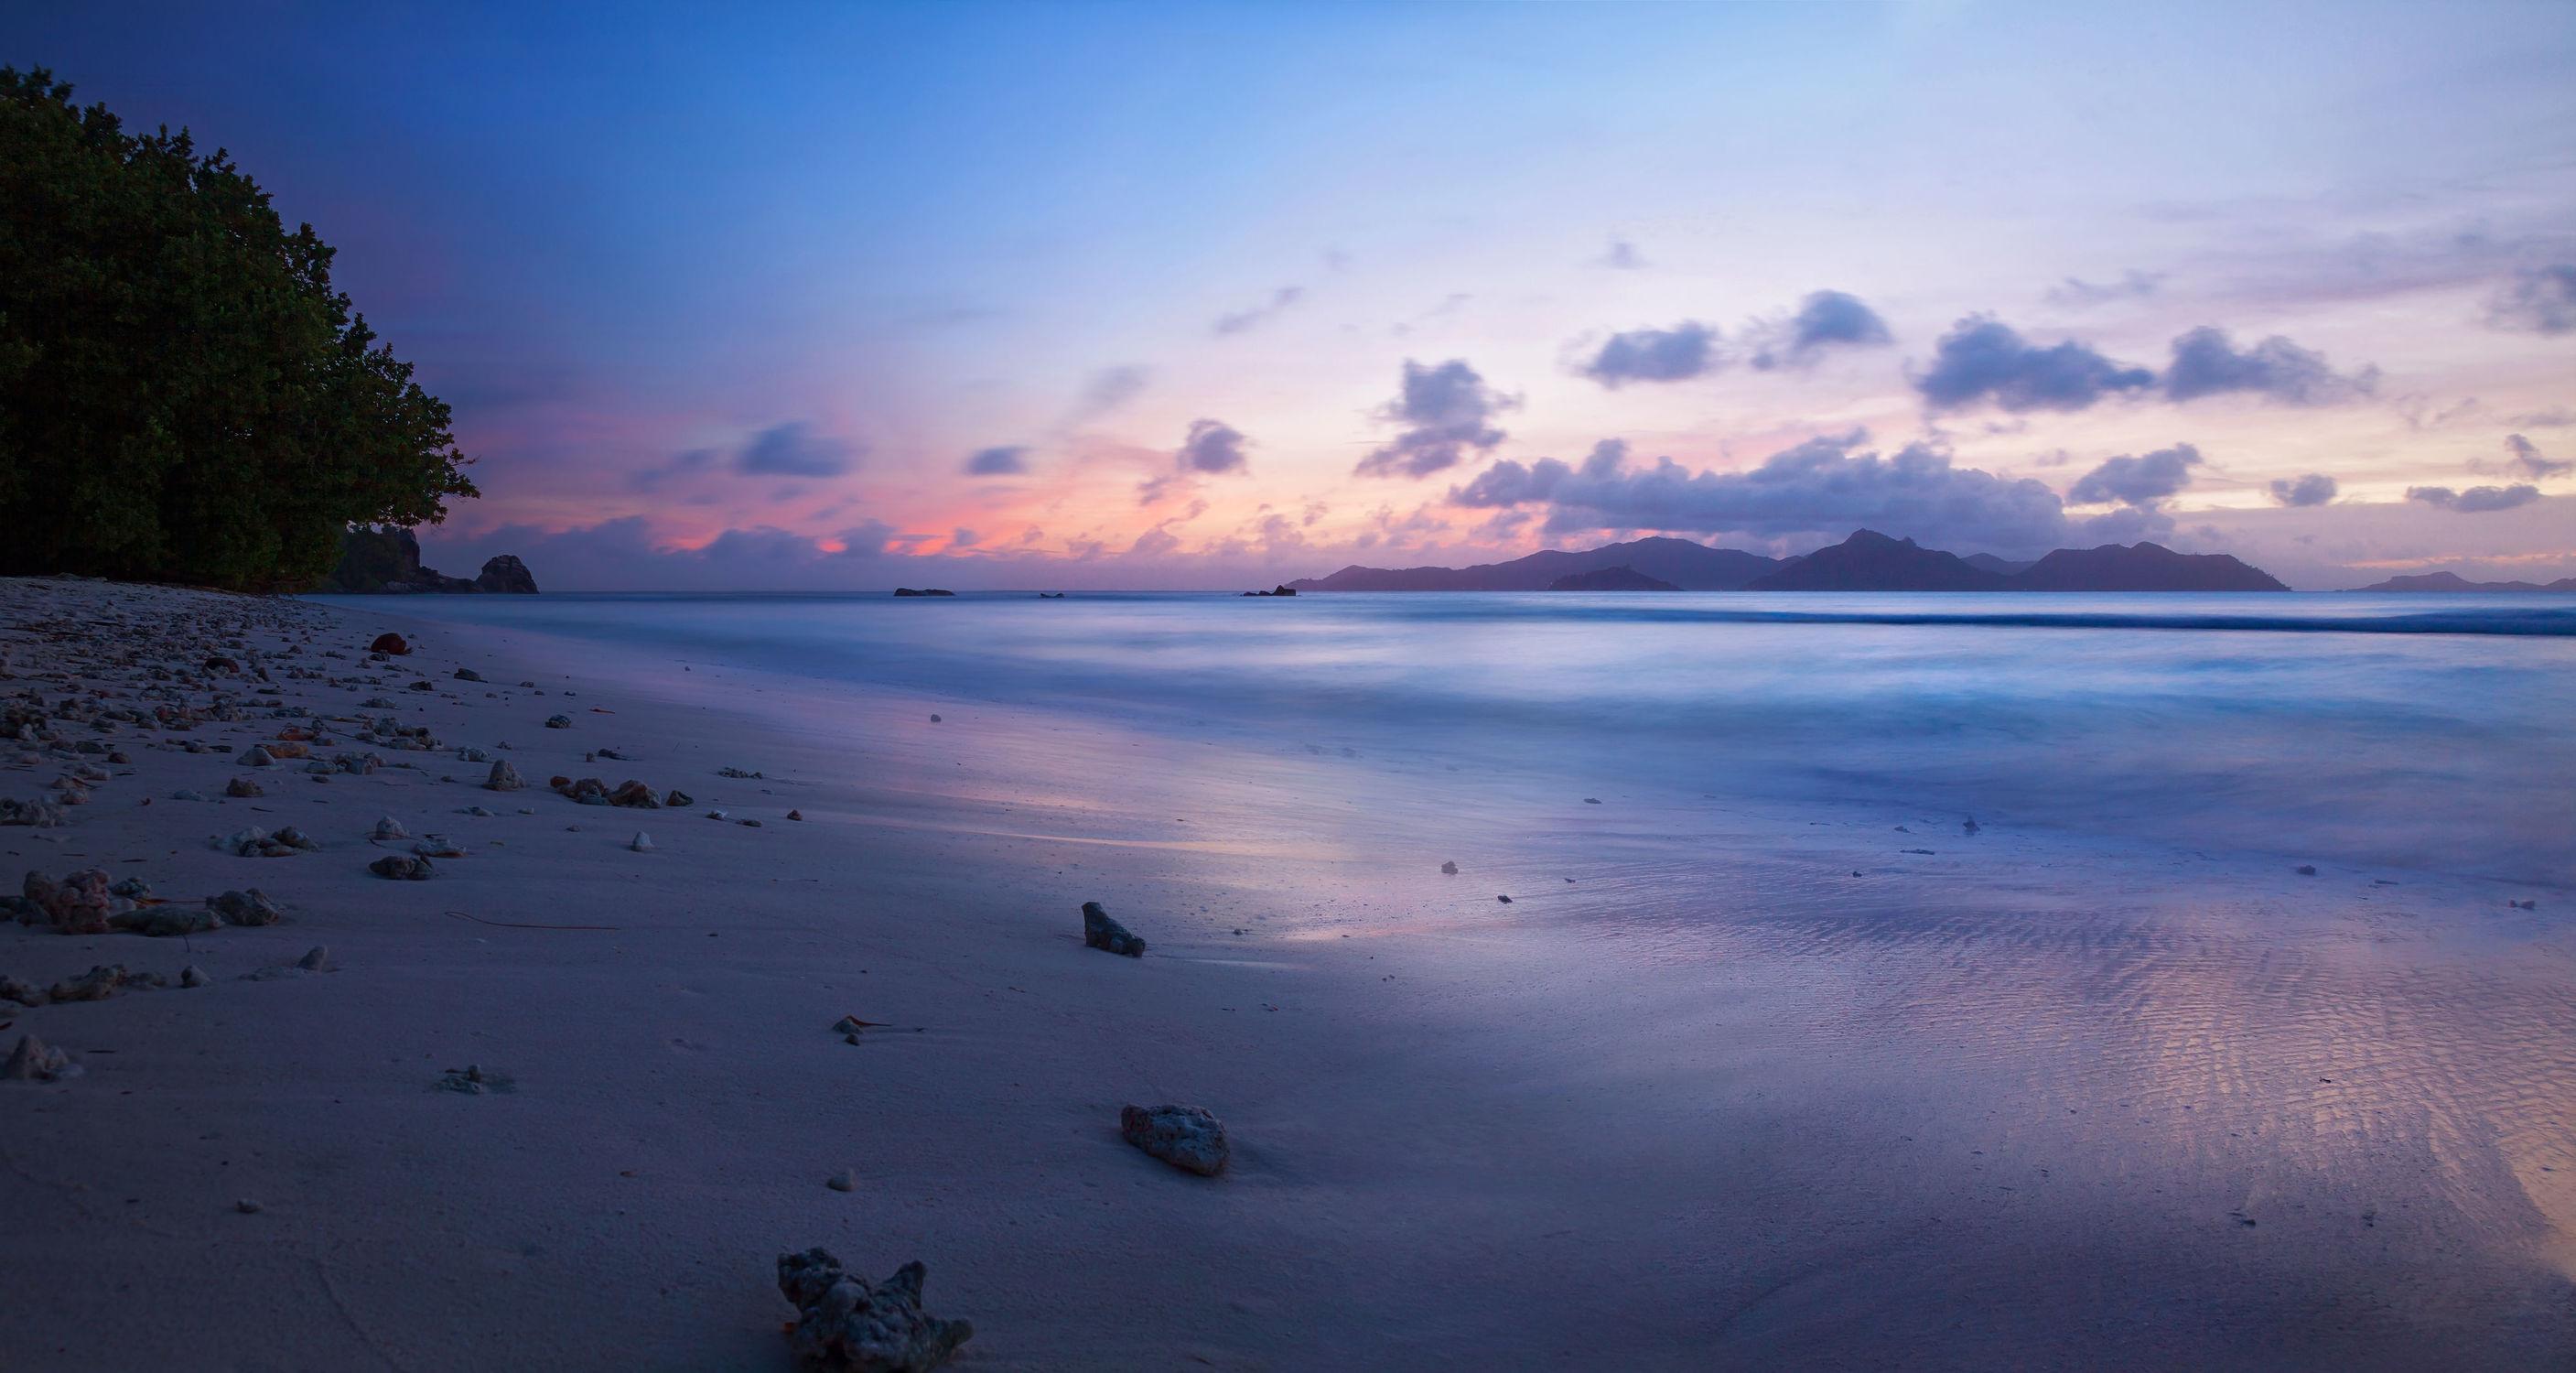 Bild mit Natur, Wasser, Gewässer, Wellen, Strand, Meer, Beach, Am Meer, ozean